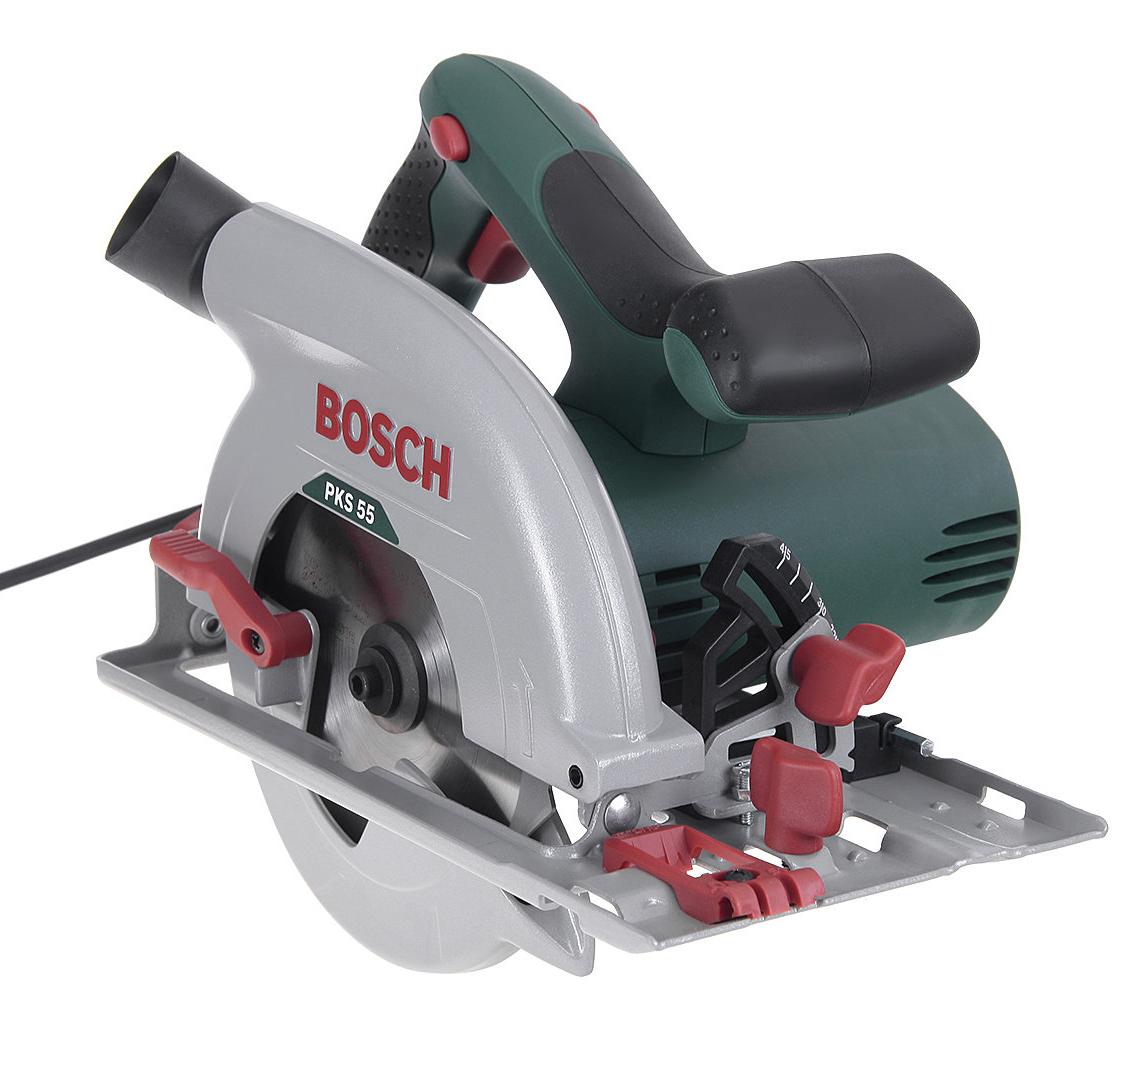 Циркулярная (дисковая) пила Bosch Pks 55